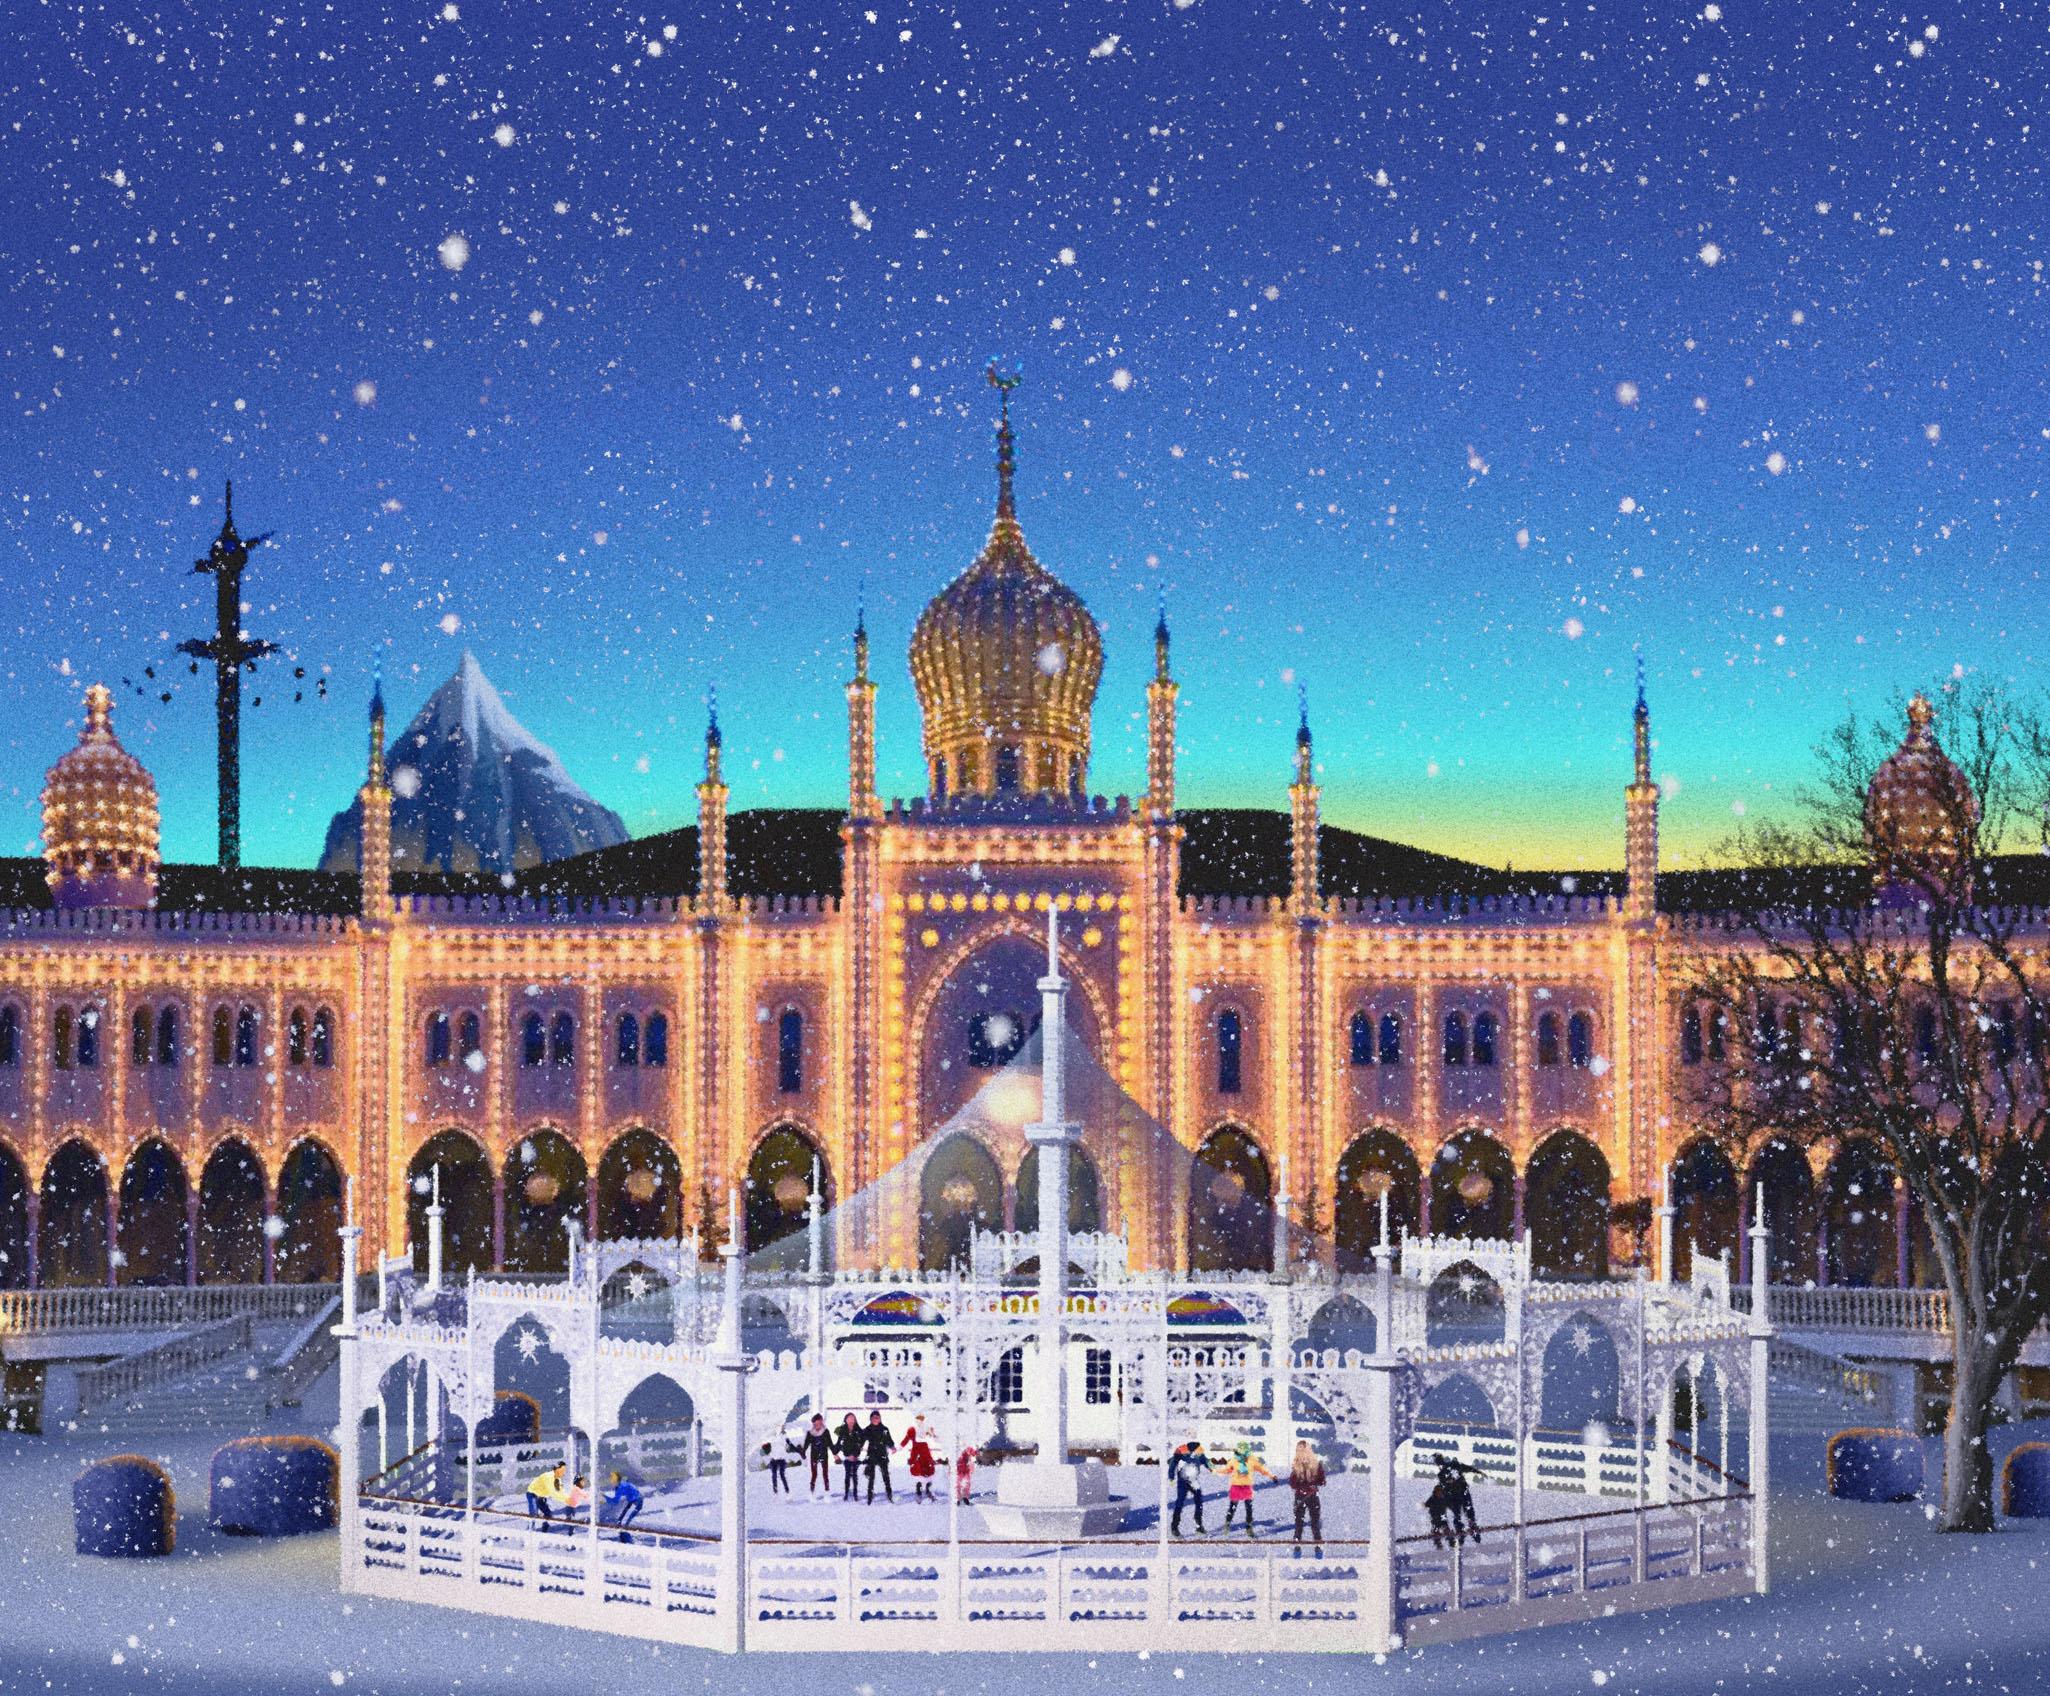 Flere attraktioner i Danmark, som her Tivoli i København, holder vinteråbent. Foto: Tivoli.